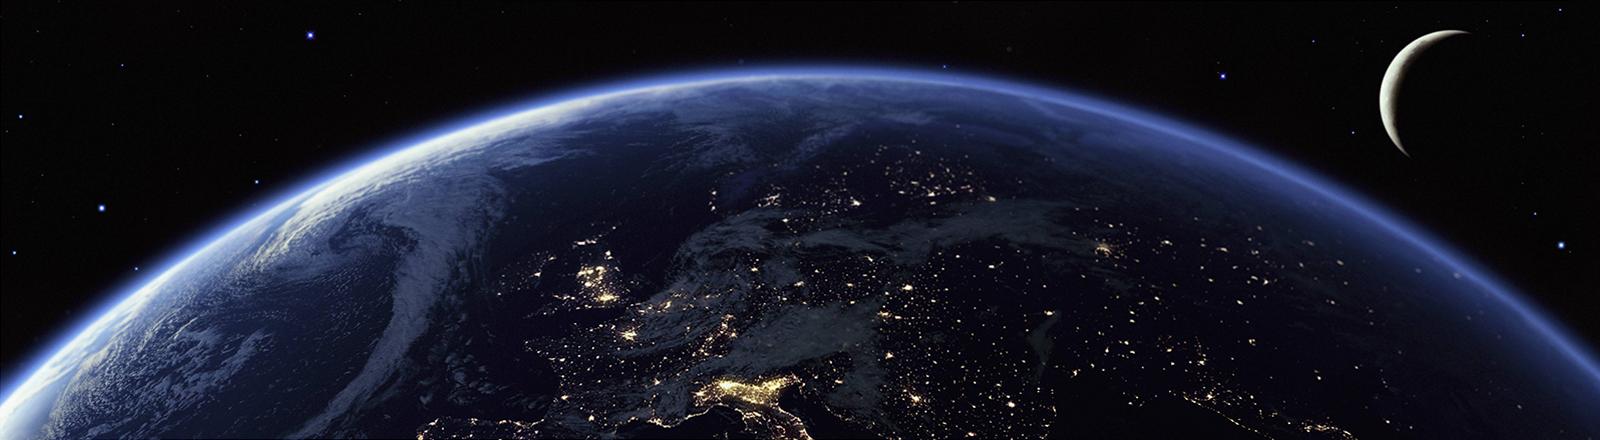 Europa, das Mittelmeer und Nordafrika bei Nacht vom Weltraum